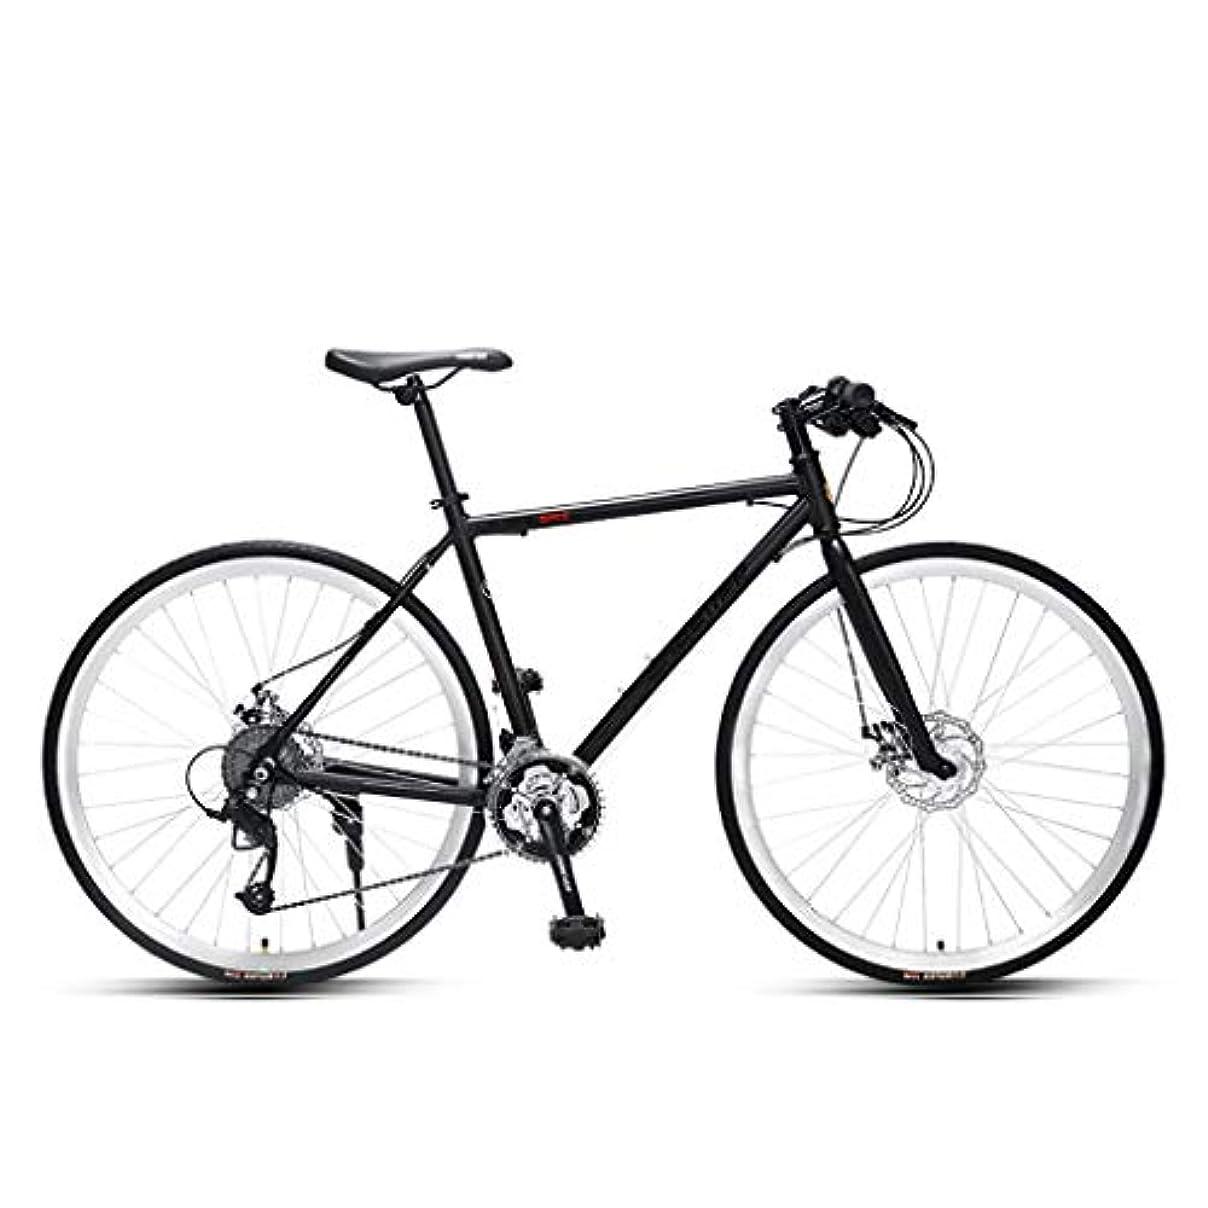 アーサーコナンドイル過言望む27スピードロードバイク、ウルトラライト可変速自転車、ブラック/シルバー、700C * 28Cマウンテンバイク ZYYZXC (Color : Black3)